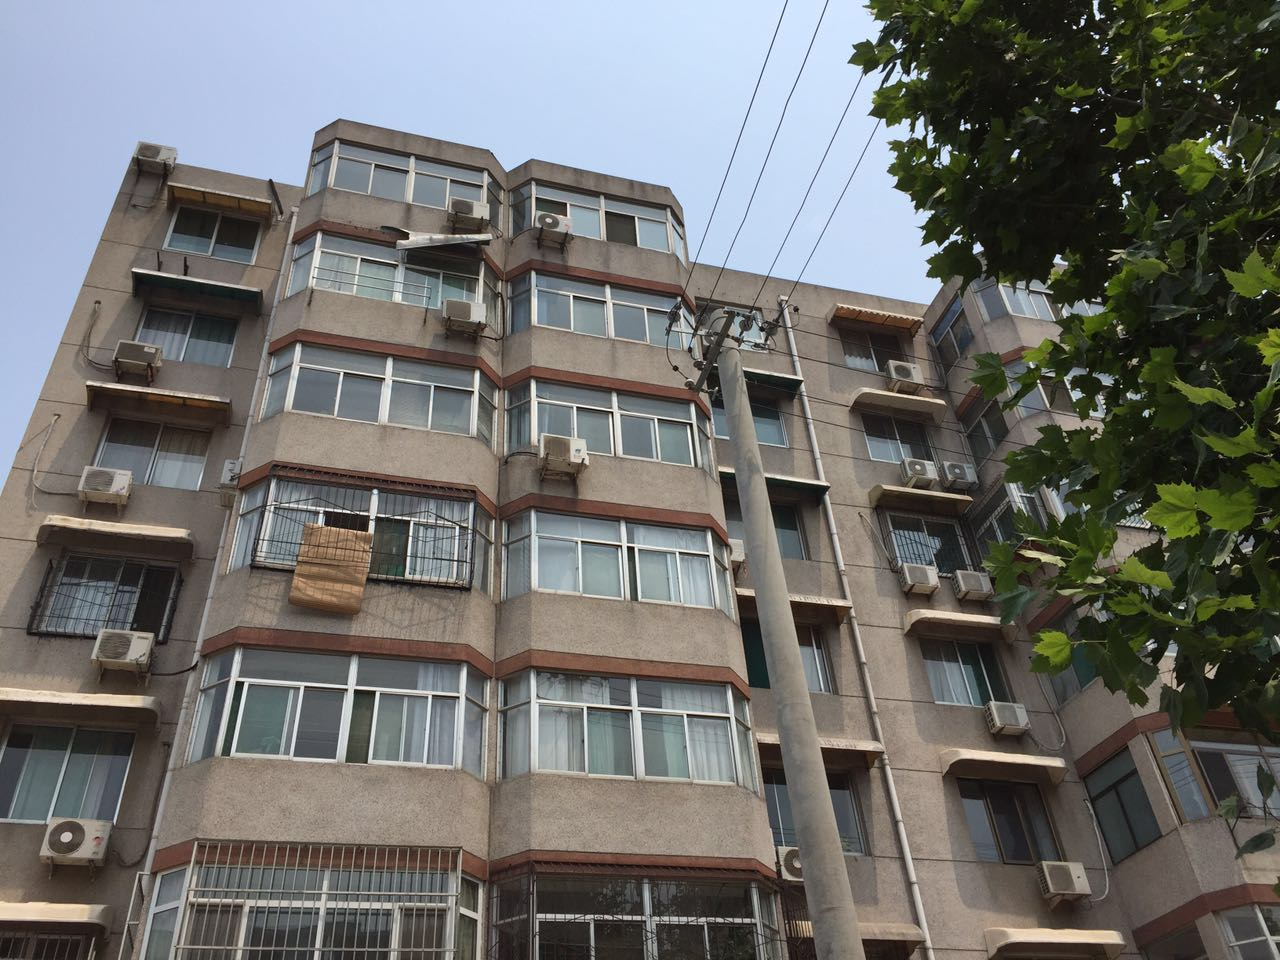 特别关注 济南一老楼加装电梯方案出炉 坐等政策落地